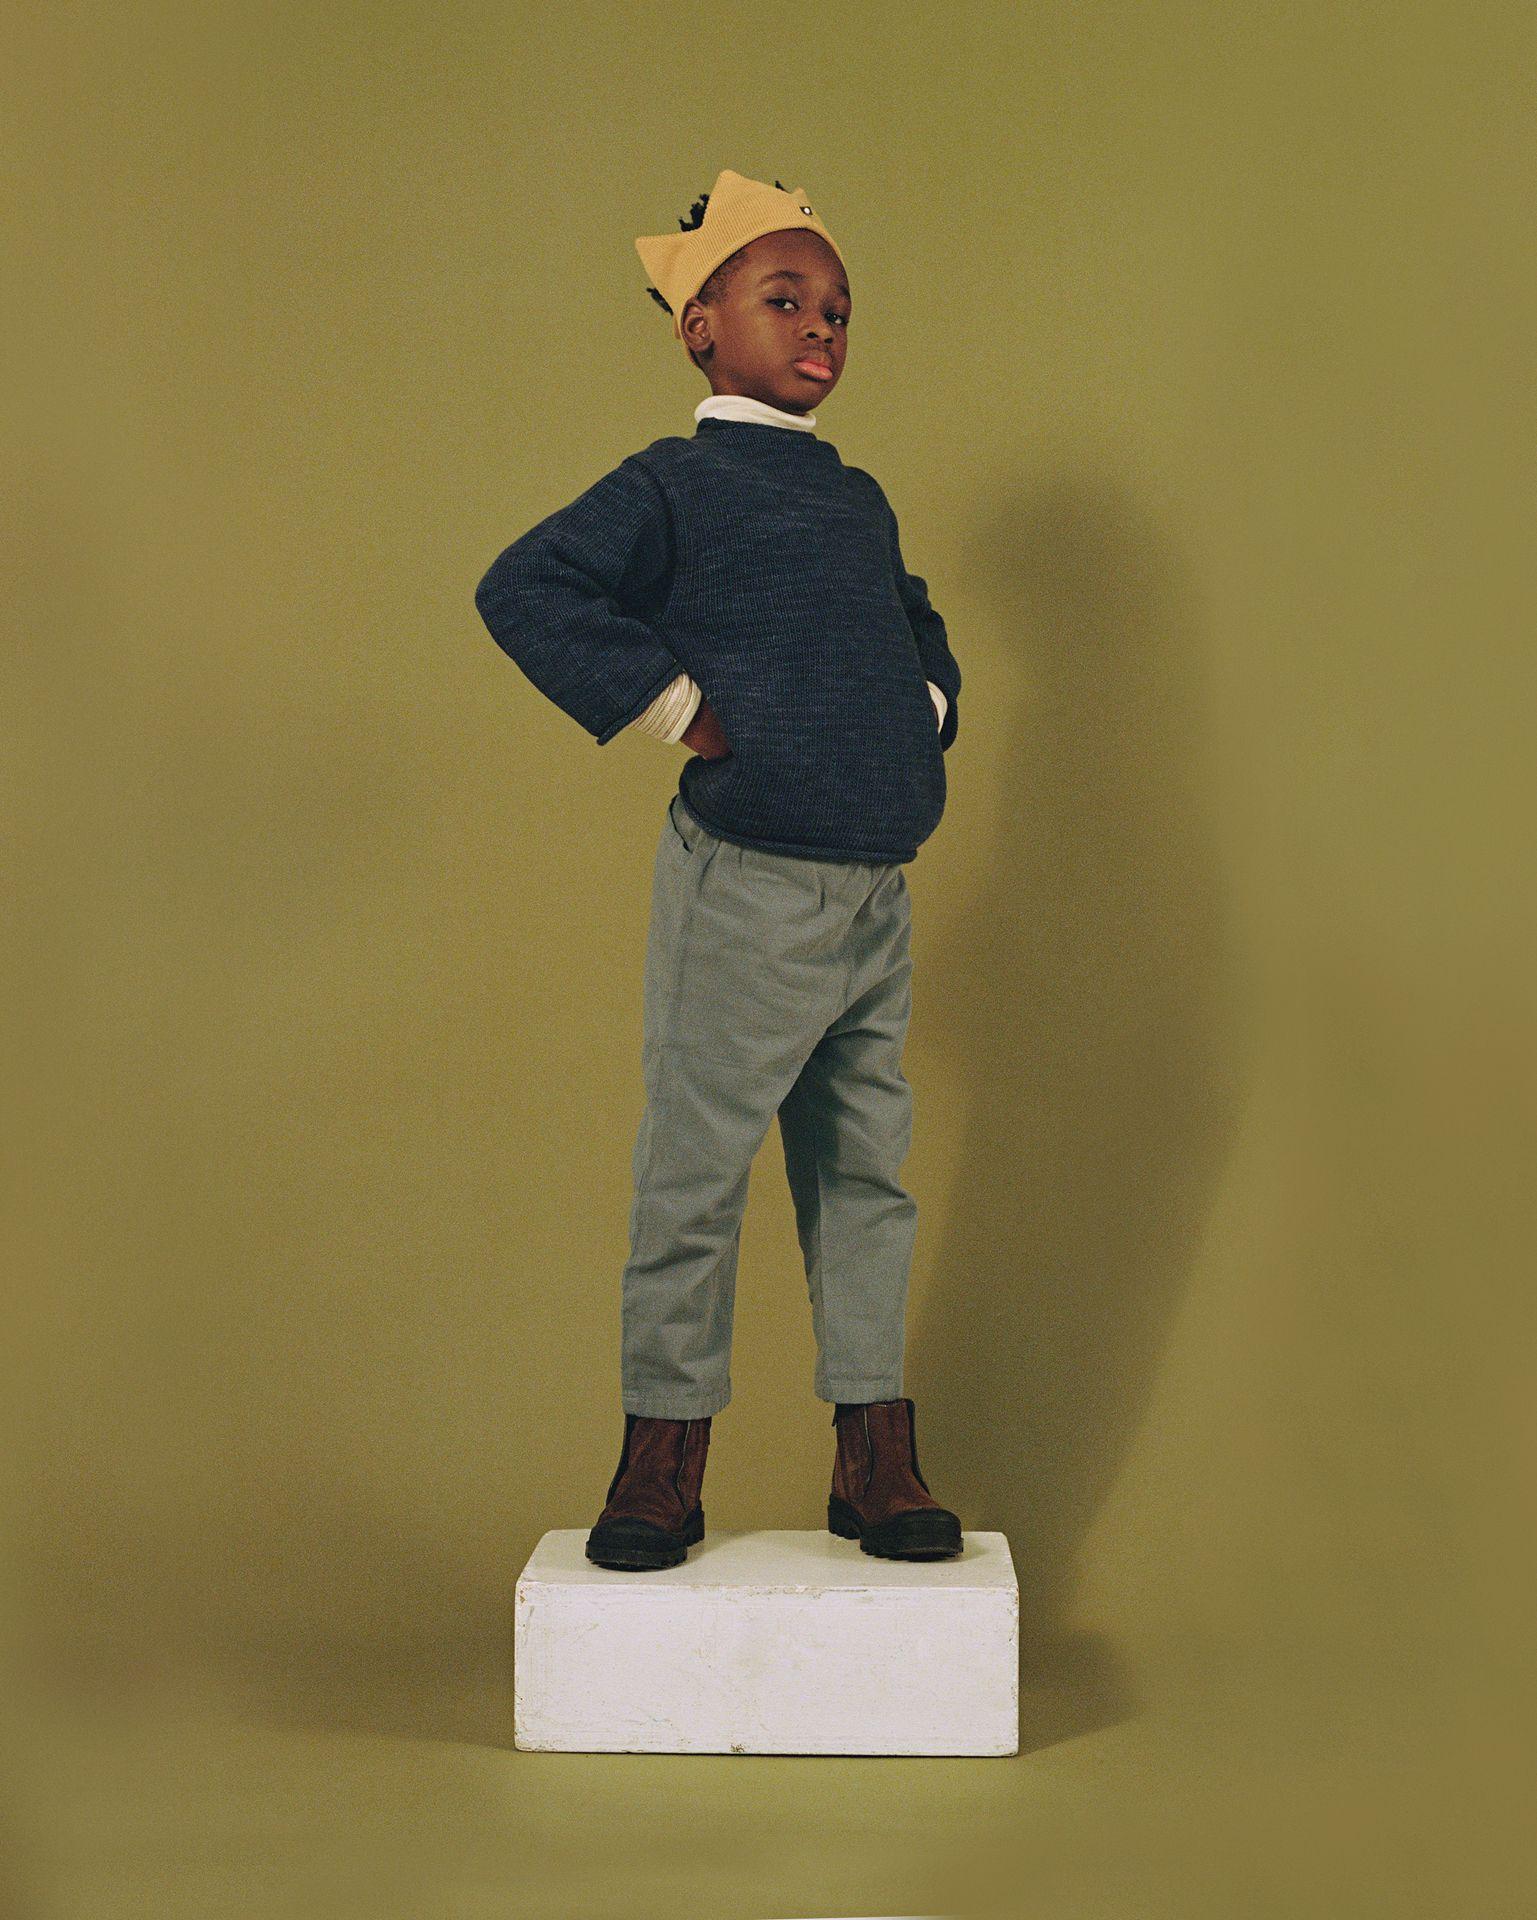 Petit garçon bipède se tenant fièrement debout sur une caisse de pommes blanche. Il porte une couronne en tissu.